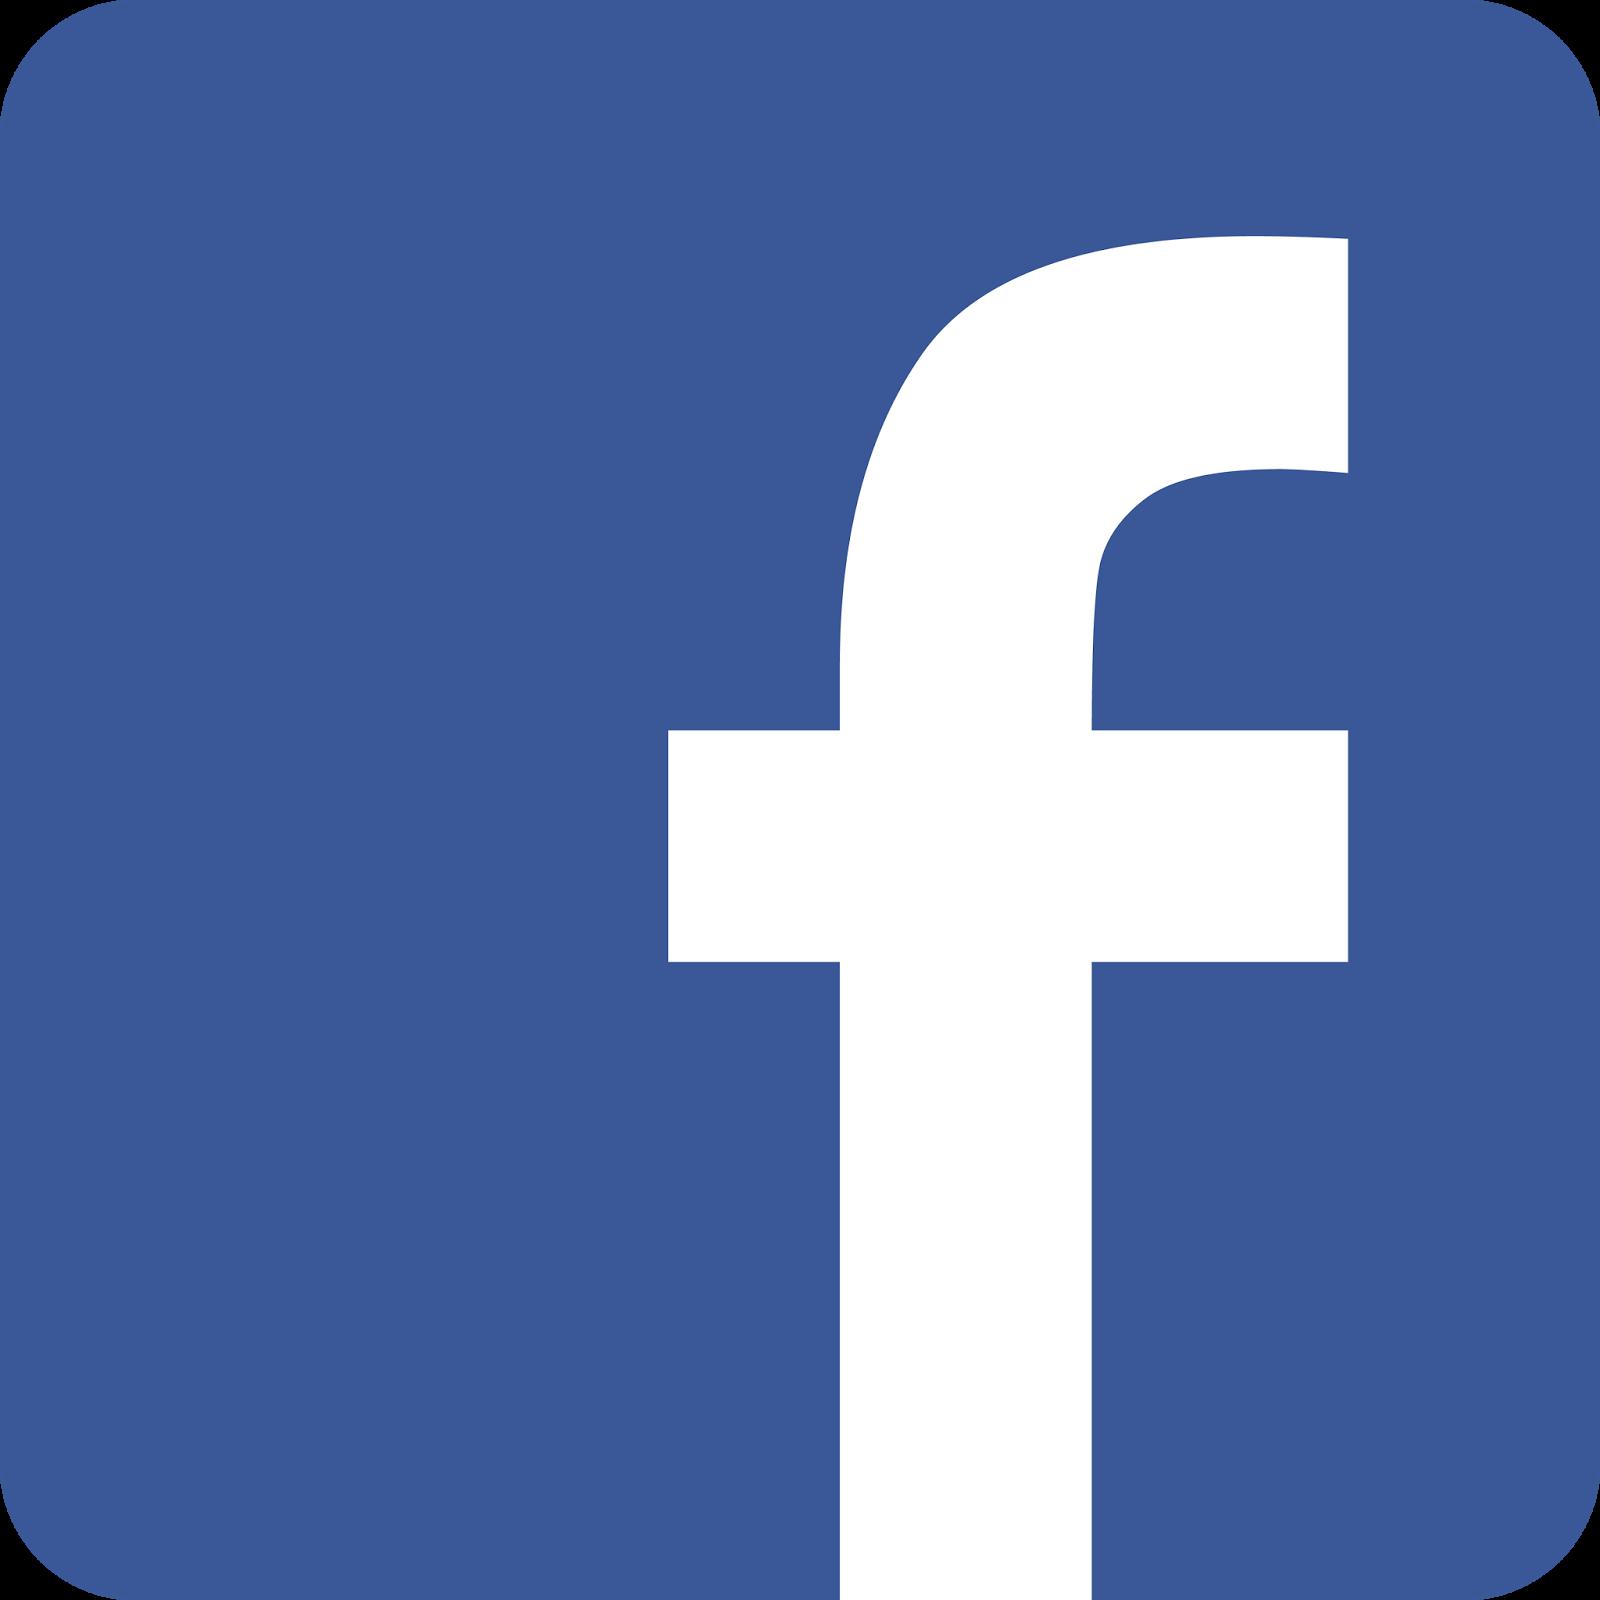 facebook logo png transparent background.png